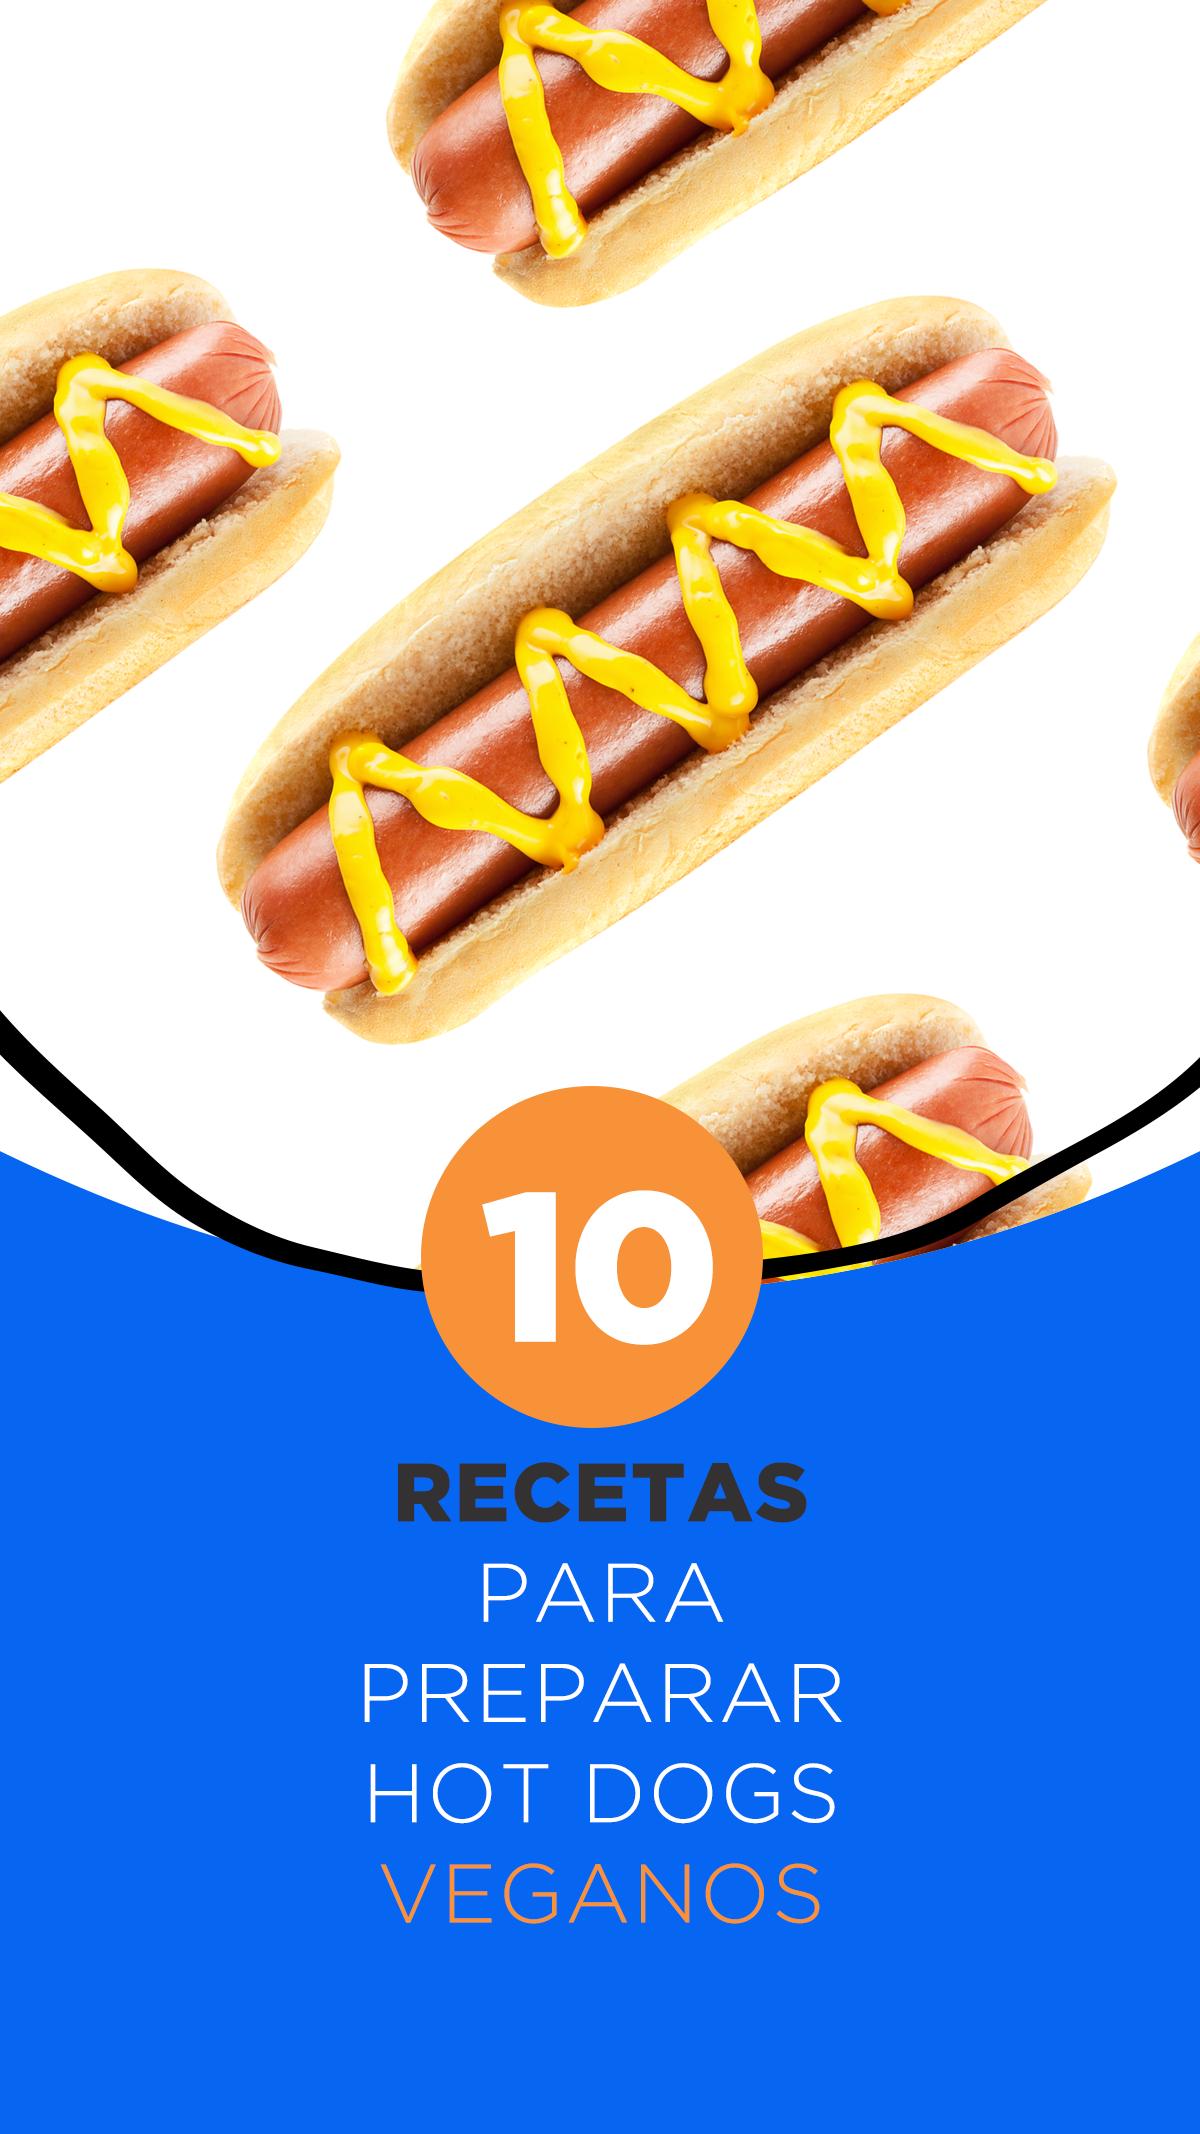 Cómo comer hot dogs sin que muera ningún animal